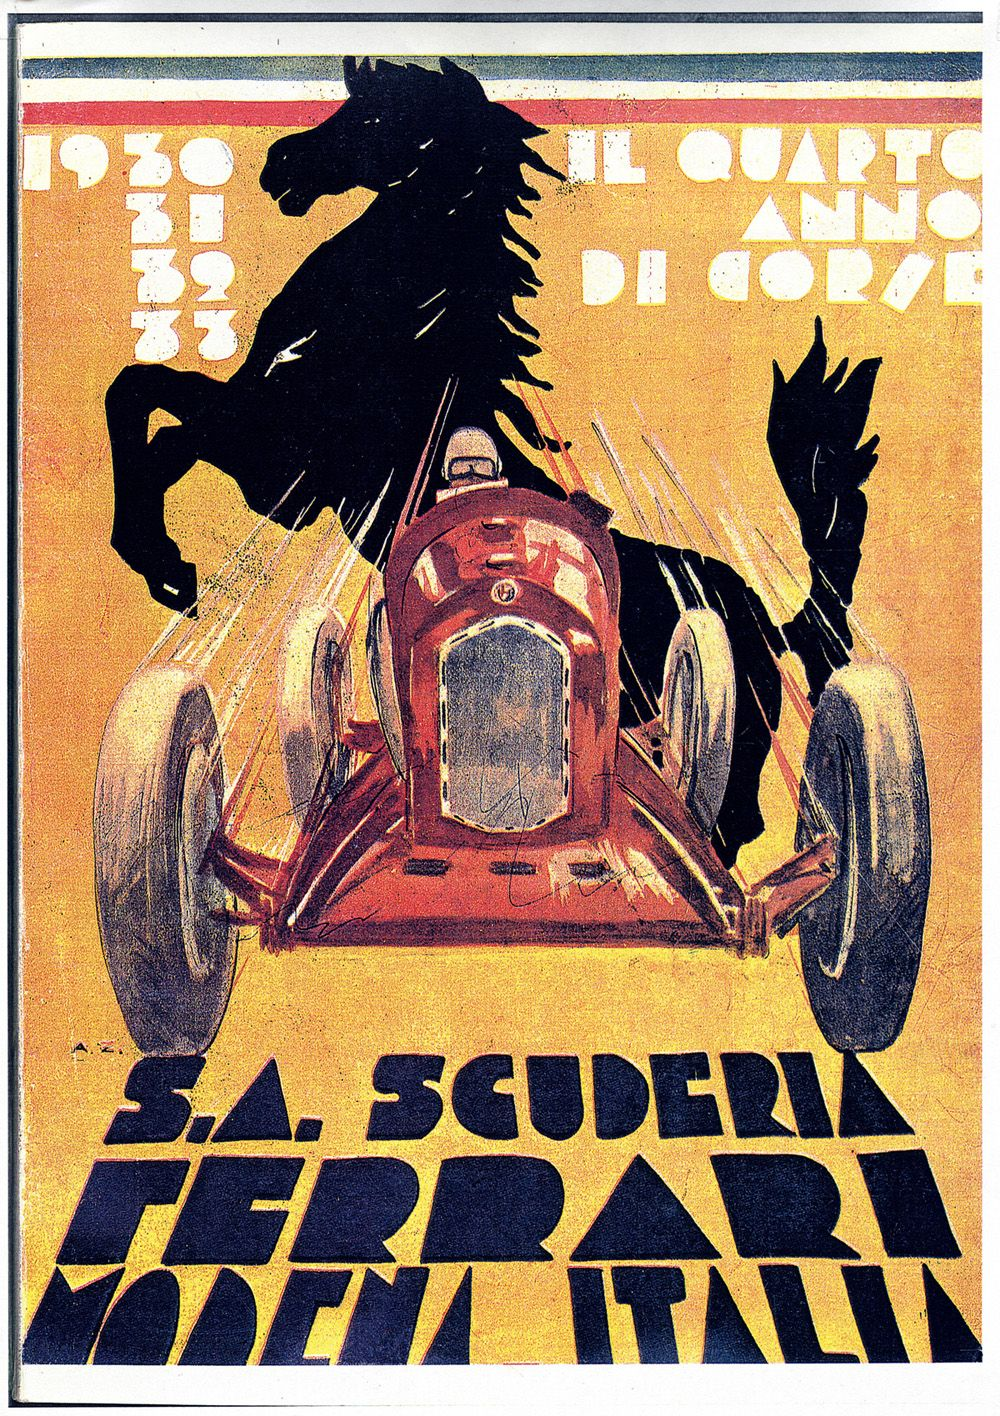 1412359_16. Scuderia Ferrari poster designed to celebrate Scuderia's fourth year of agility 1933_edited-1